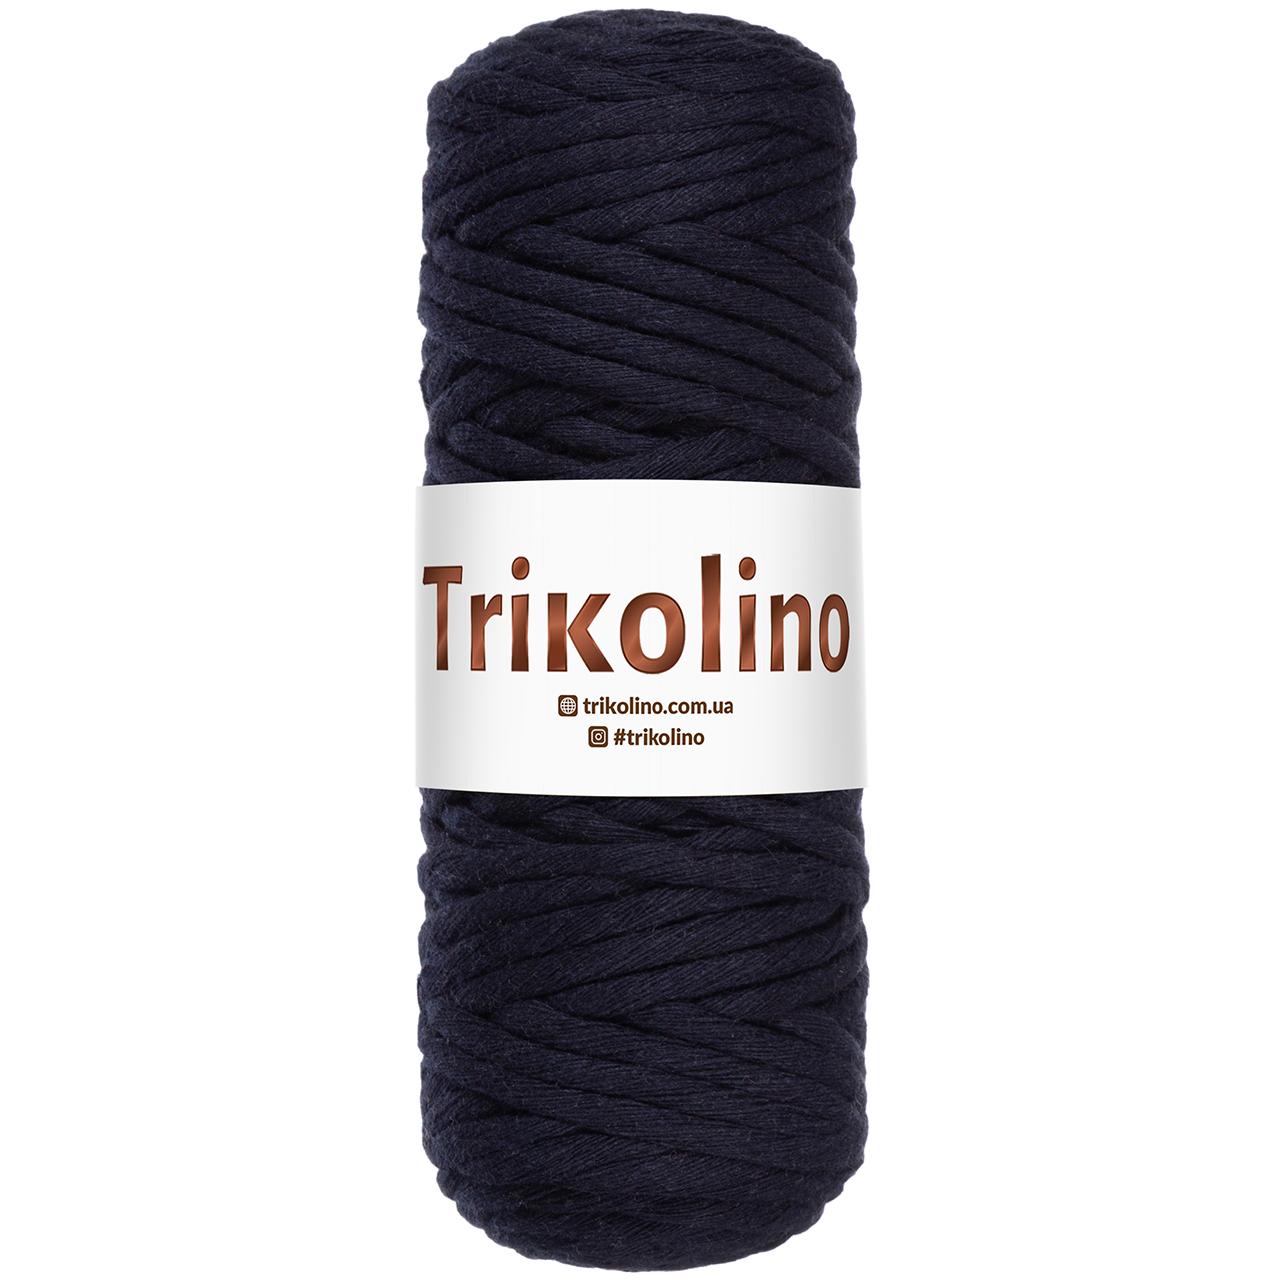 Шнур для макраме Trikolino Темный синий 4-6мм